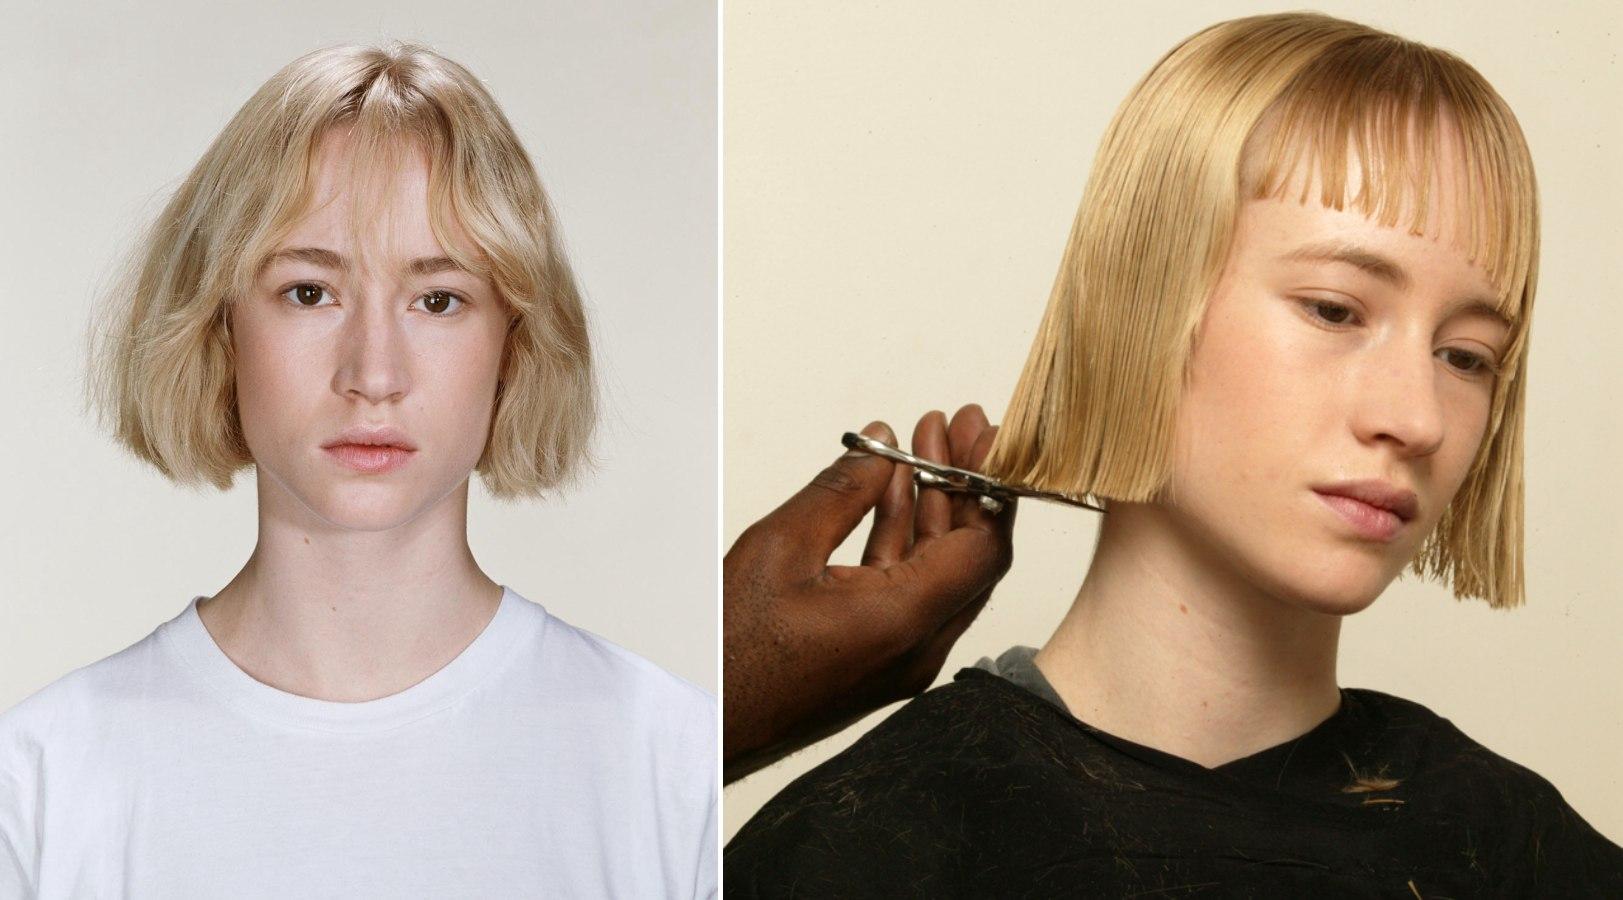 Hair Cutting Pics : step 1 preparing the hair cut the hair into a short sharp bob ...